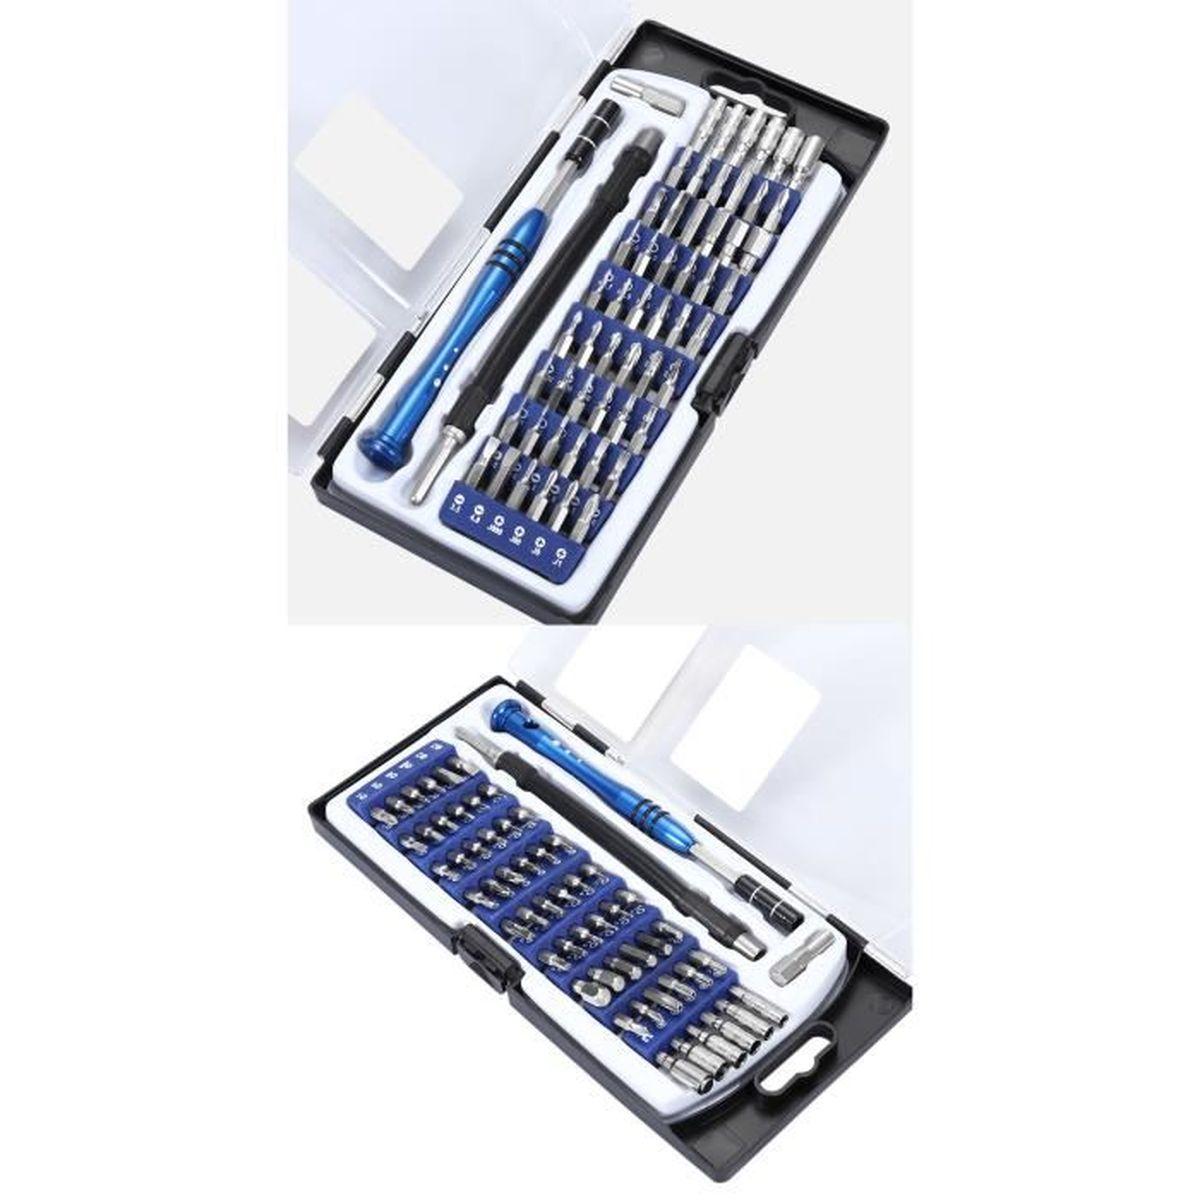 Lunettes,Laptop Appareil Laptop,iphone 32 en 1 Kit Tournevis de Pr/écision Magn/étique Professionnel Outils de Reparation Tournevis Pour Portable Ordinateur